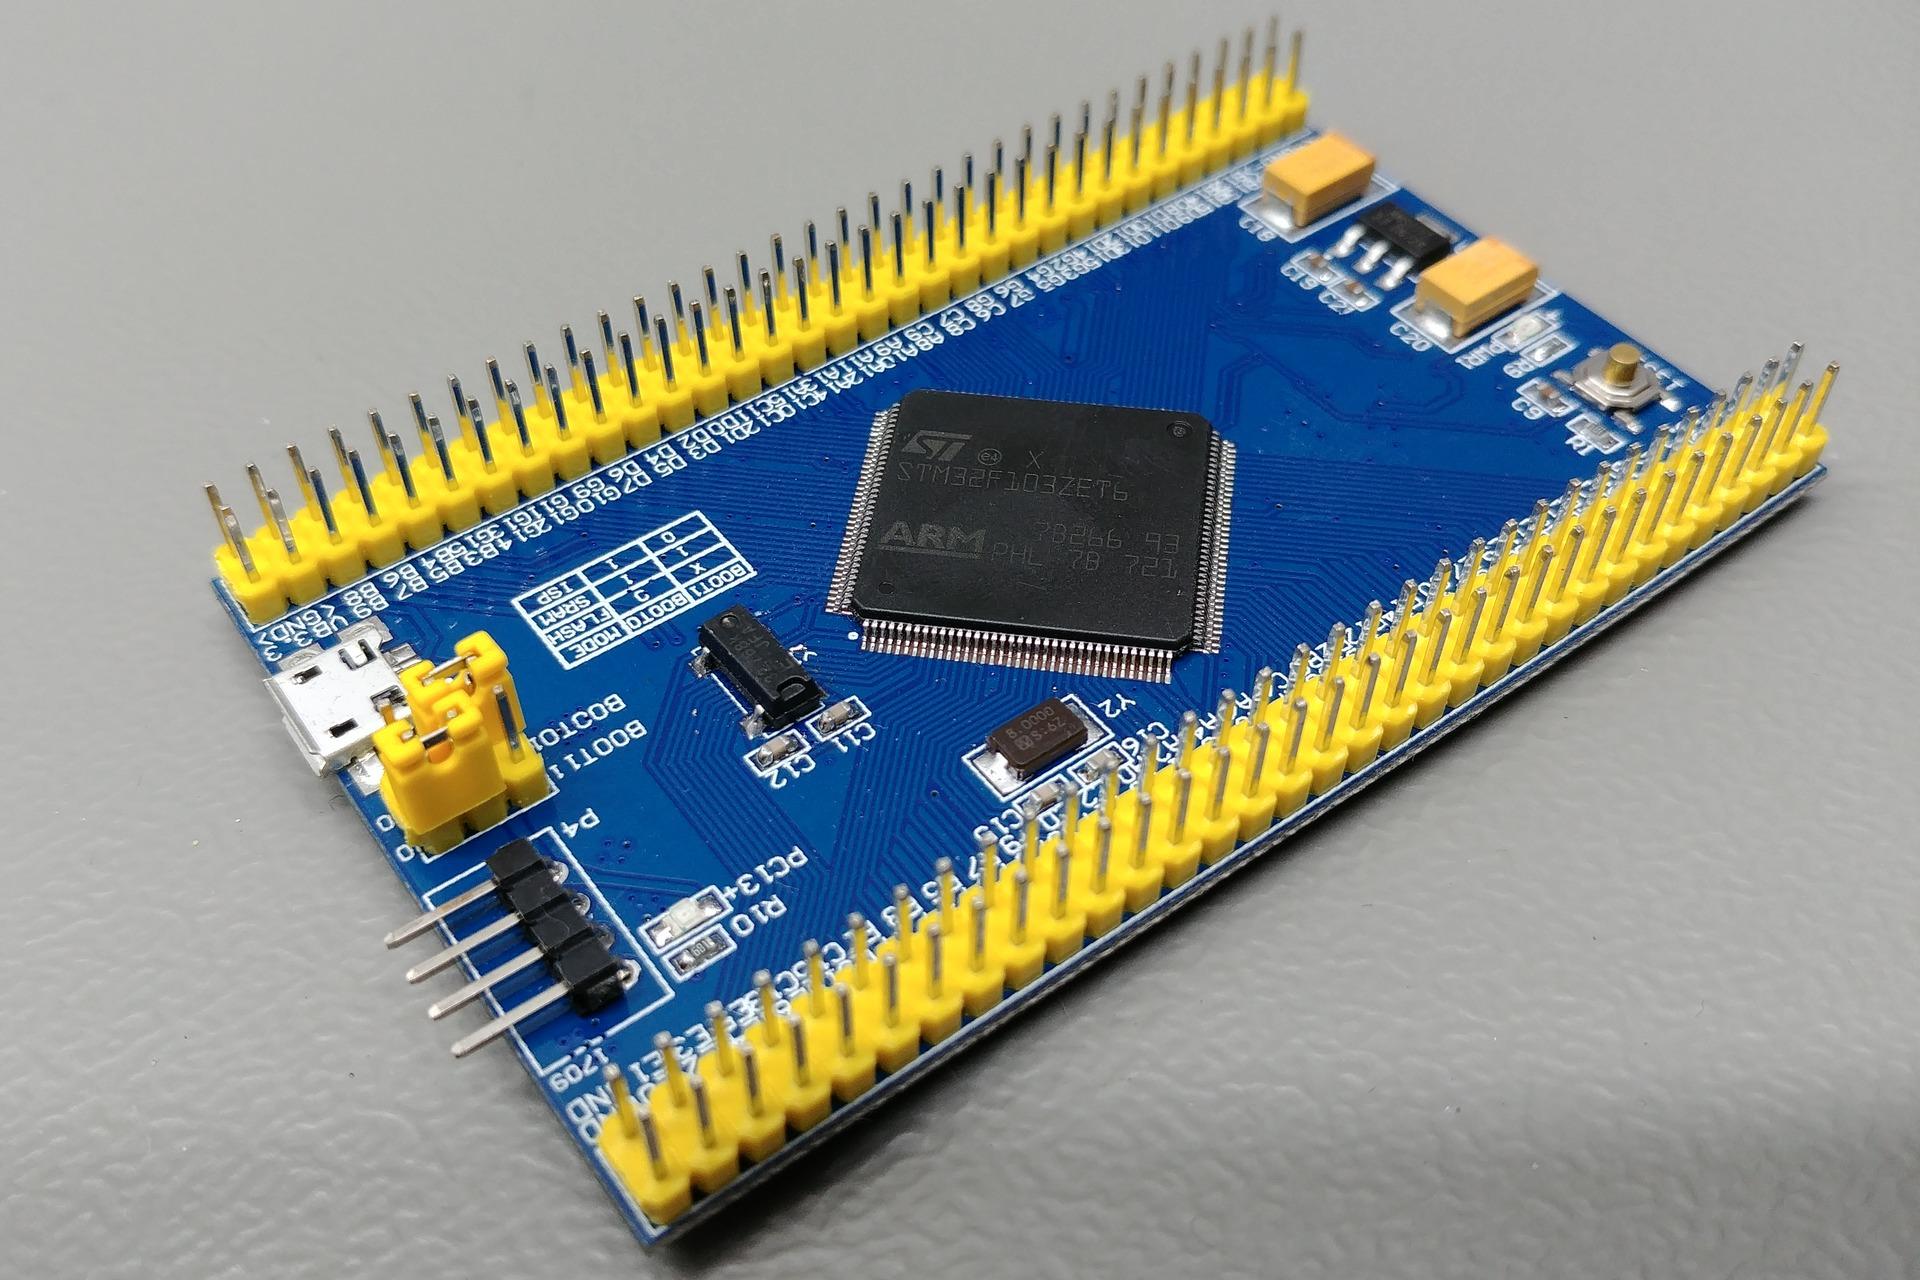 STM32F103ZET6 vcc-gnd.com XLarge